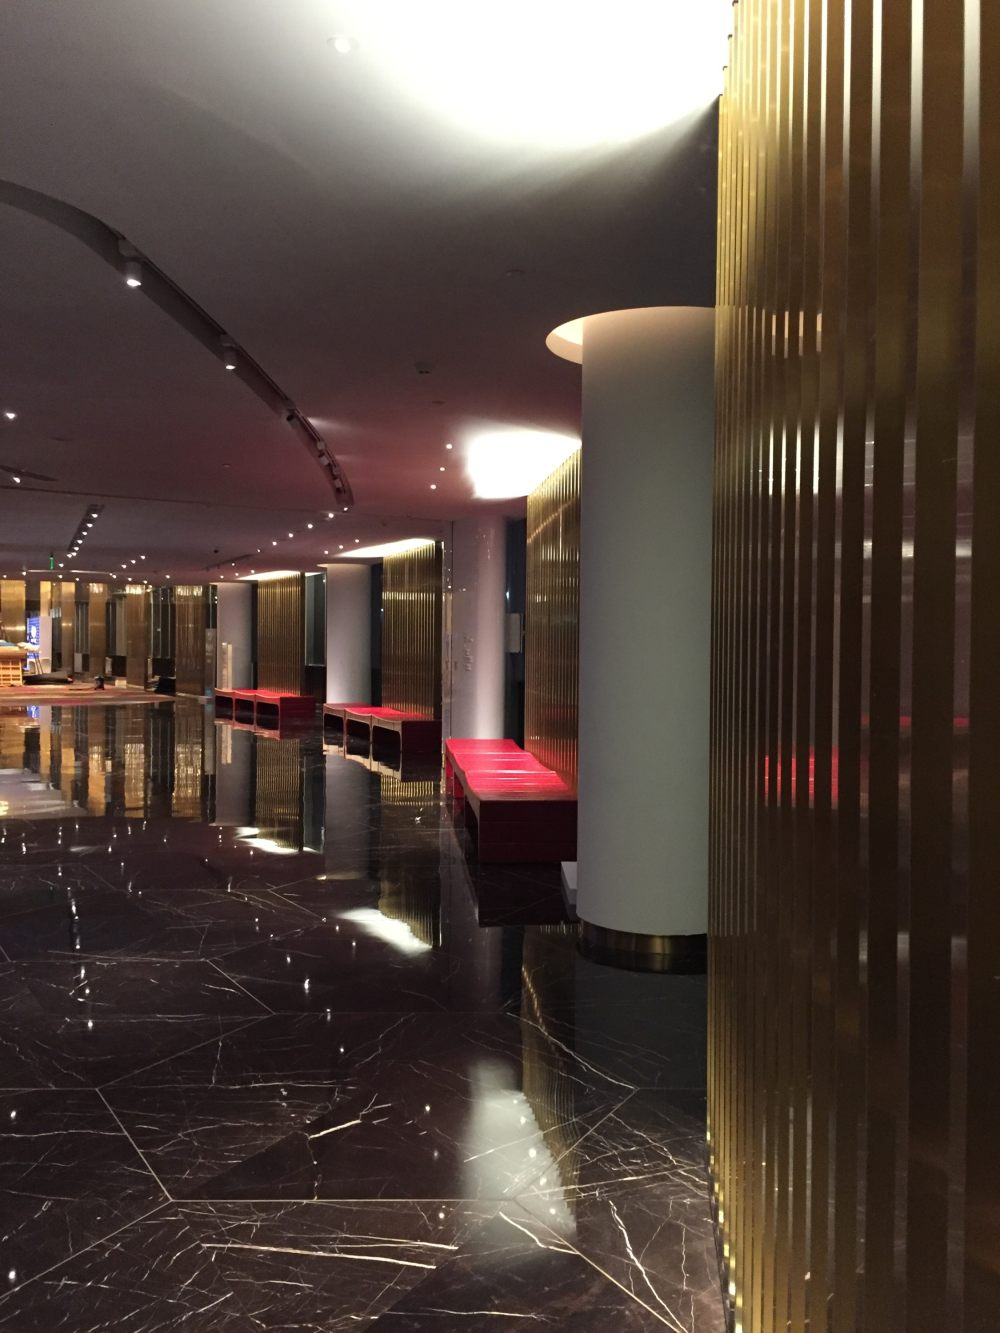 上海外滩W酒店,史上最全入住体验 自拍分享,申请置...._IMG_6012.JPG